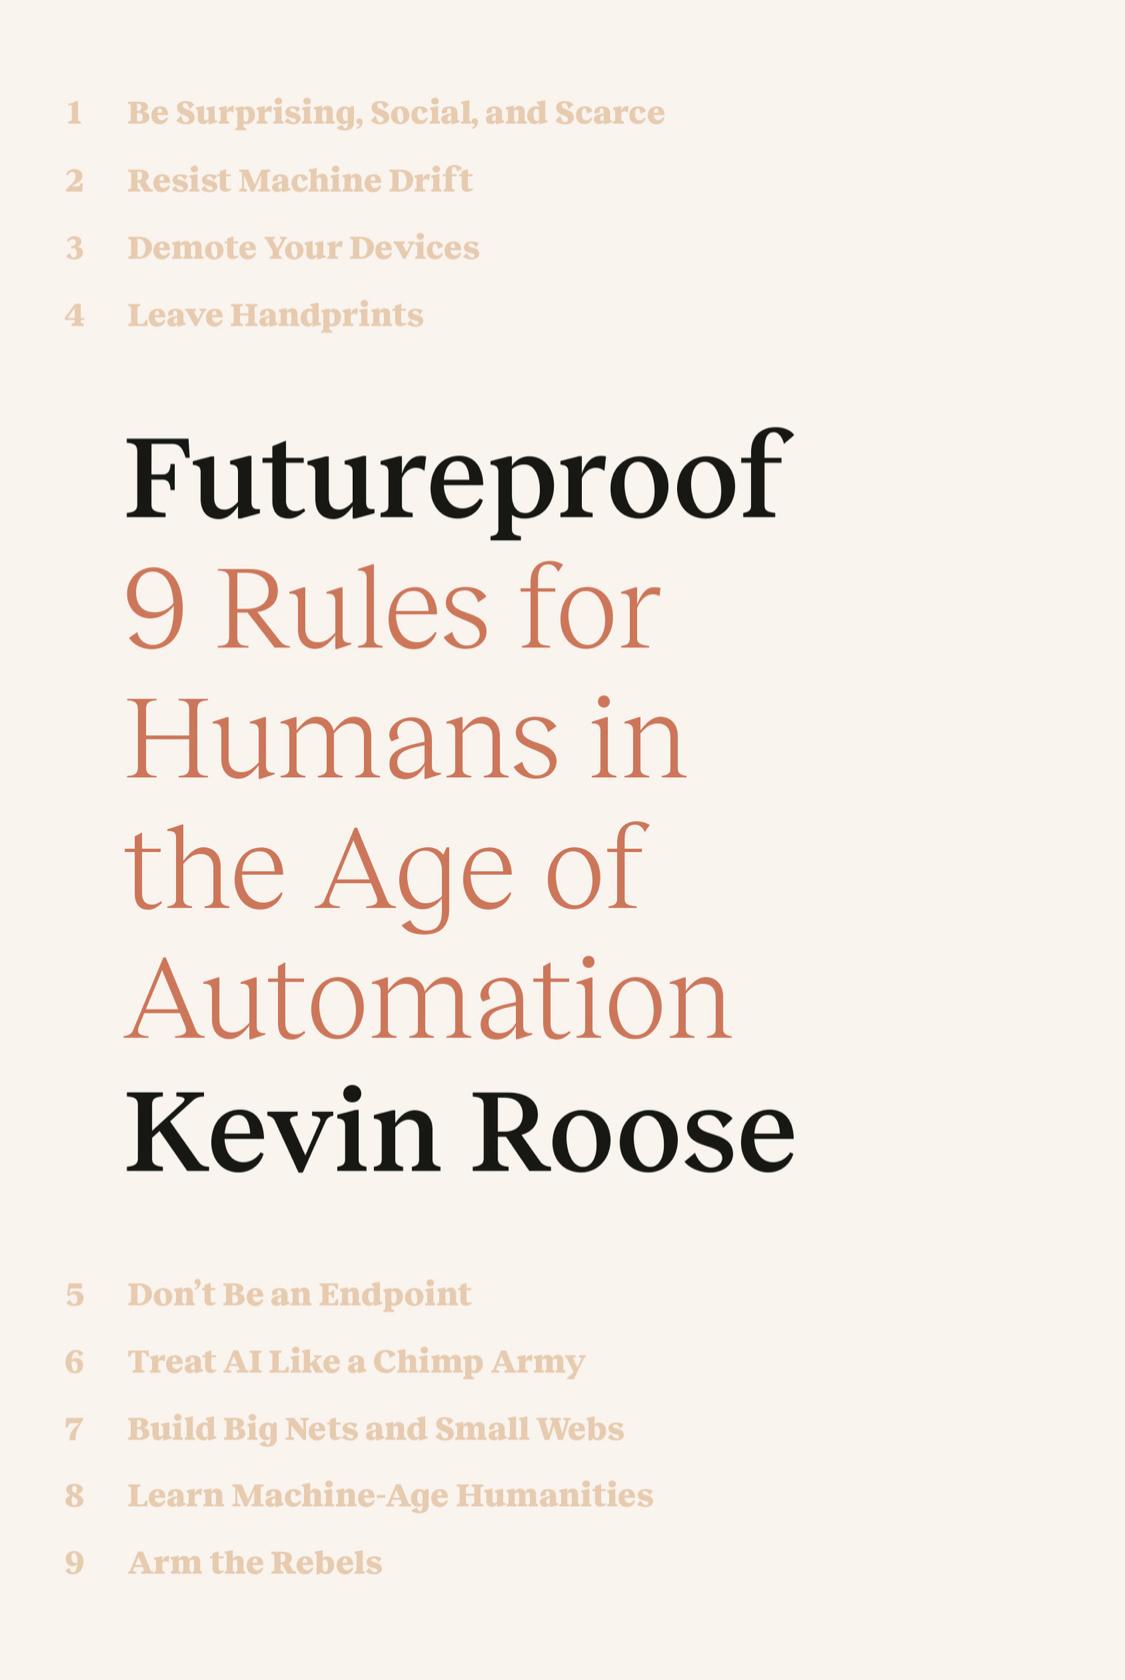 Futureproof (2021, Random House Publishing Group)